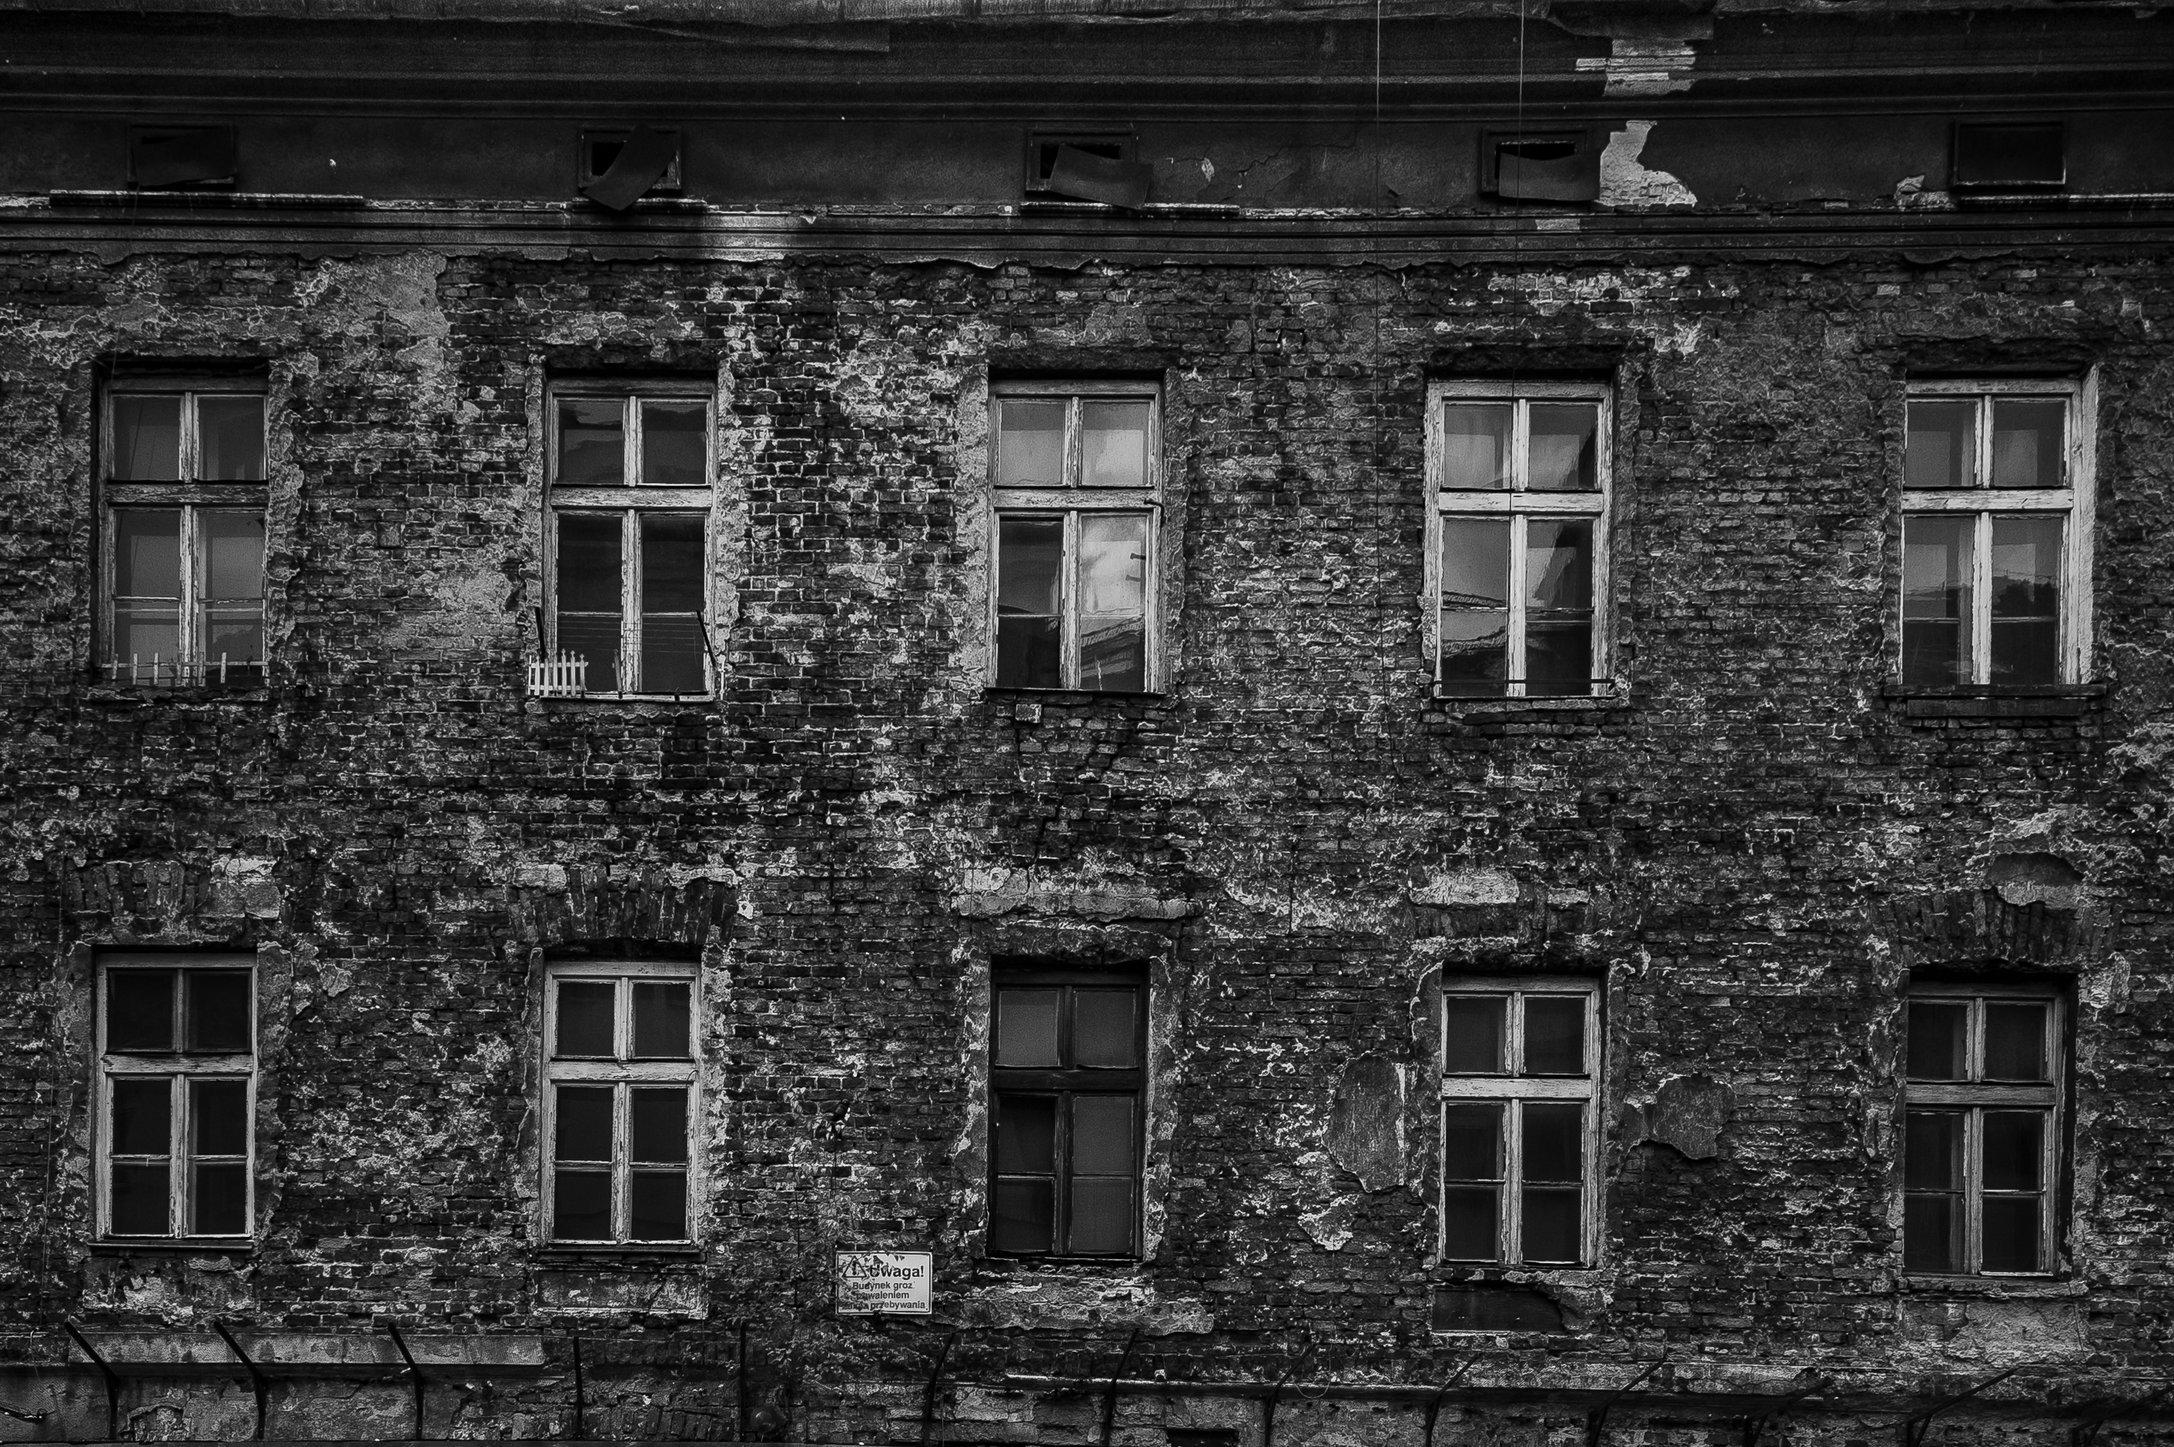 kazimierz-7-MASTER COPY.jpg